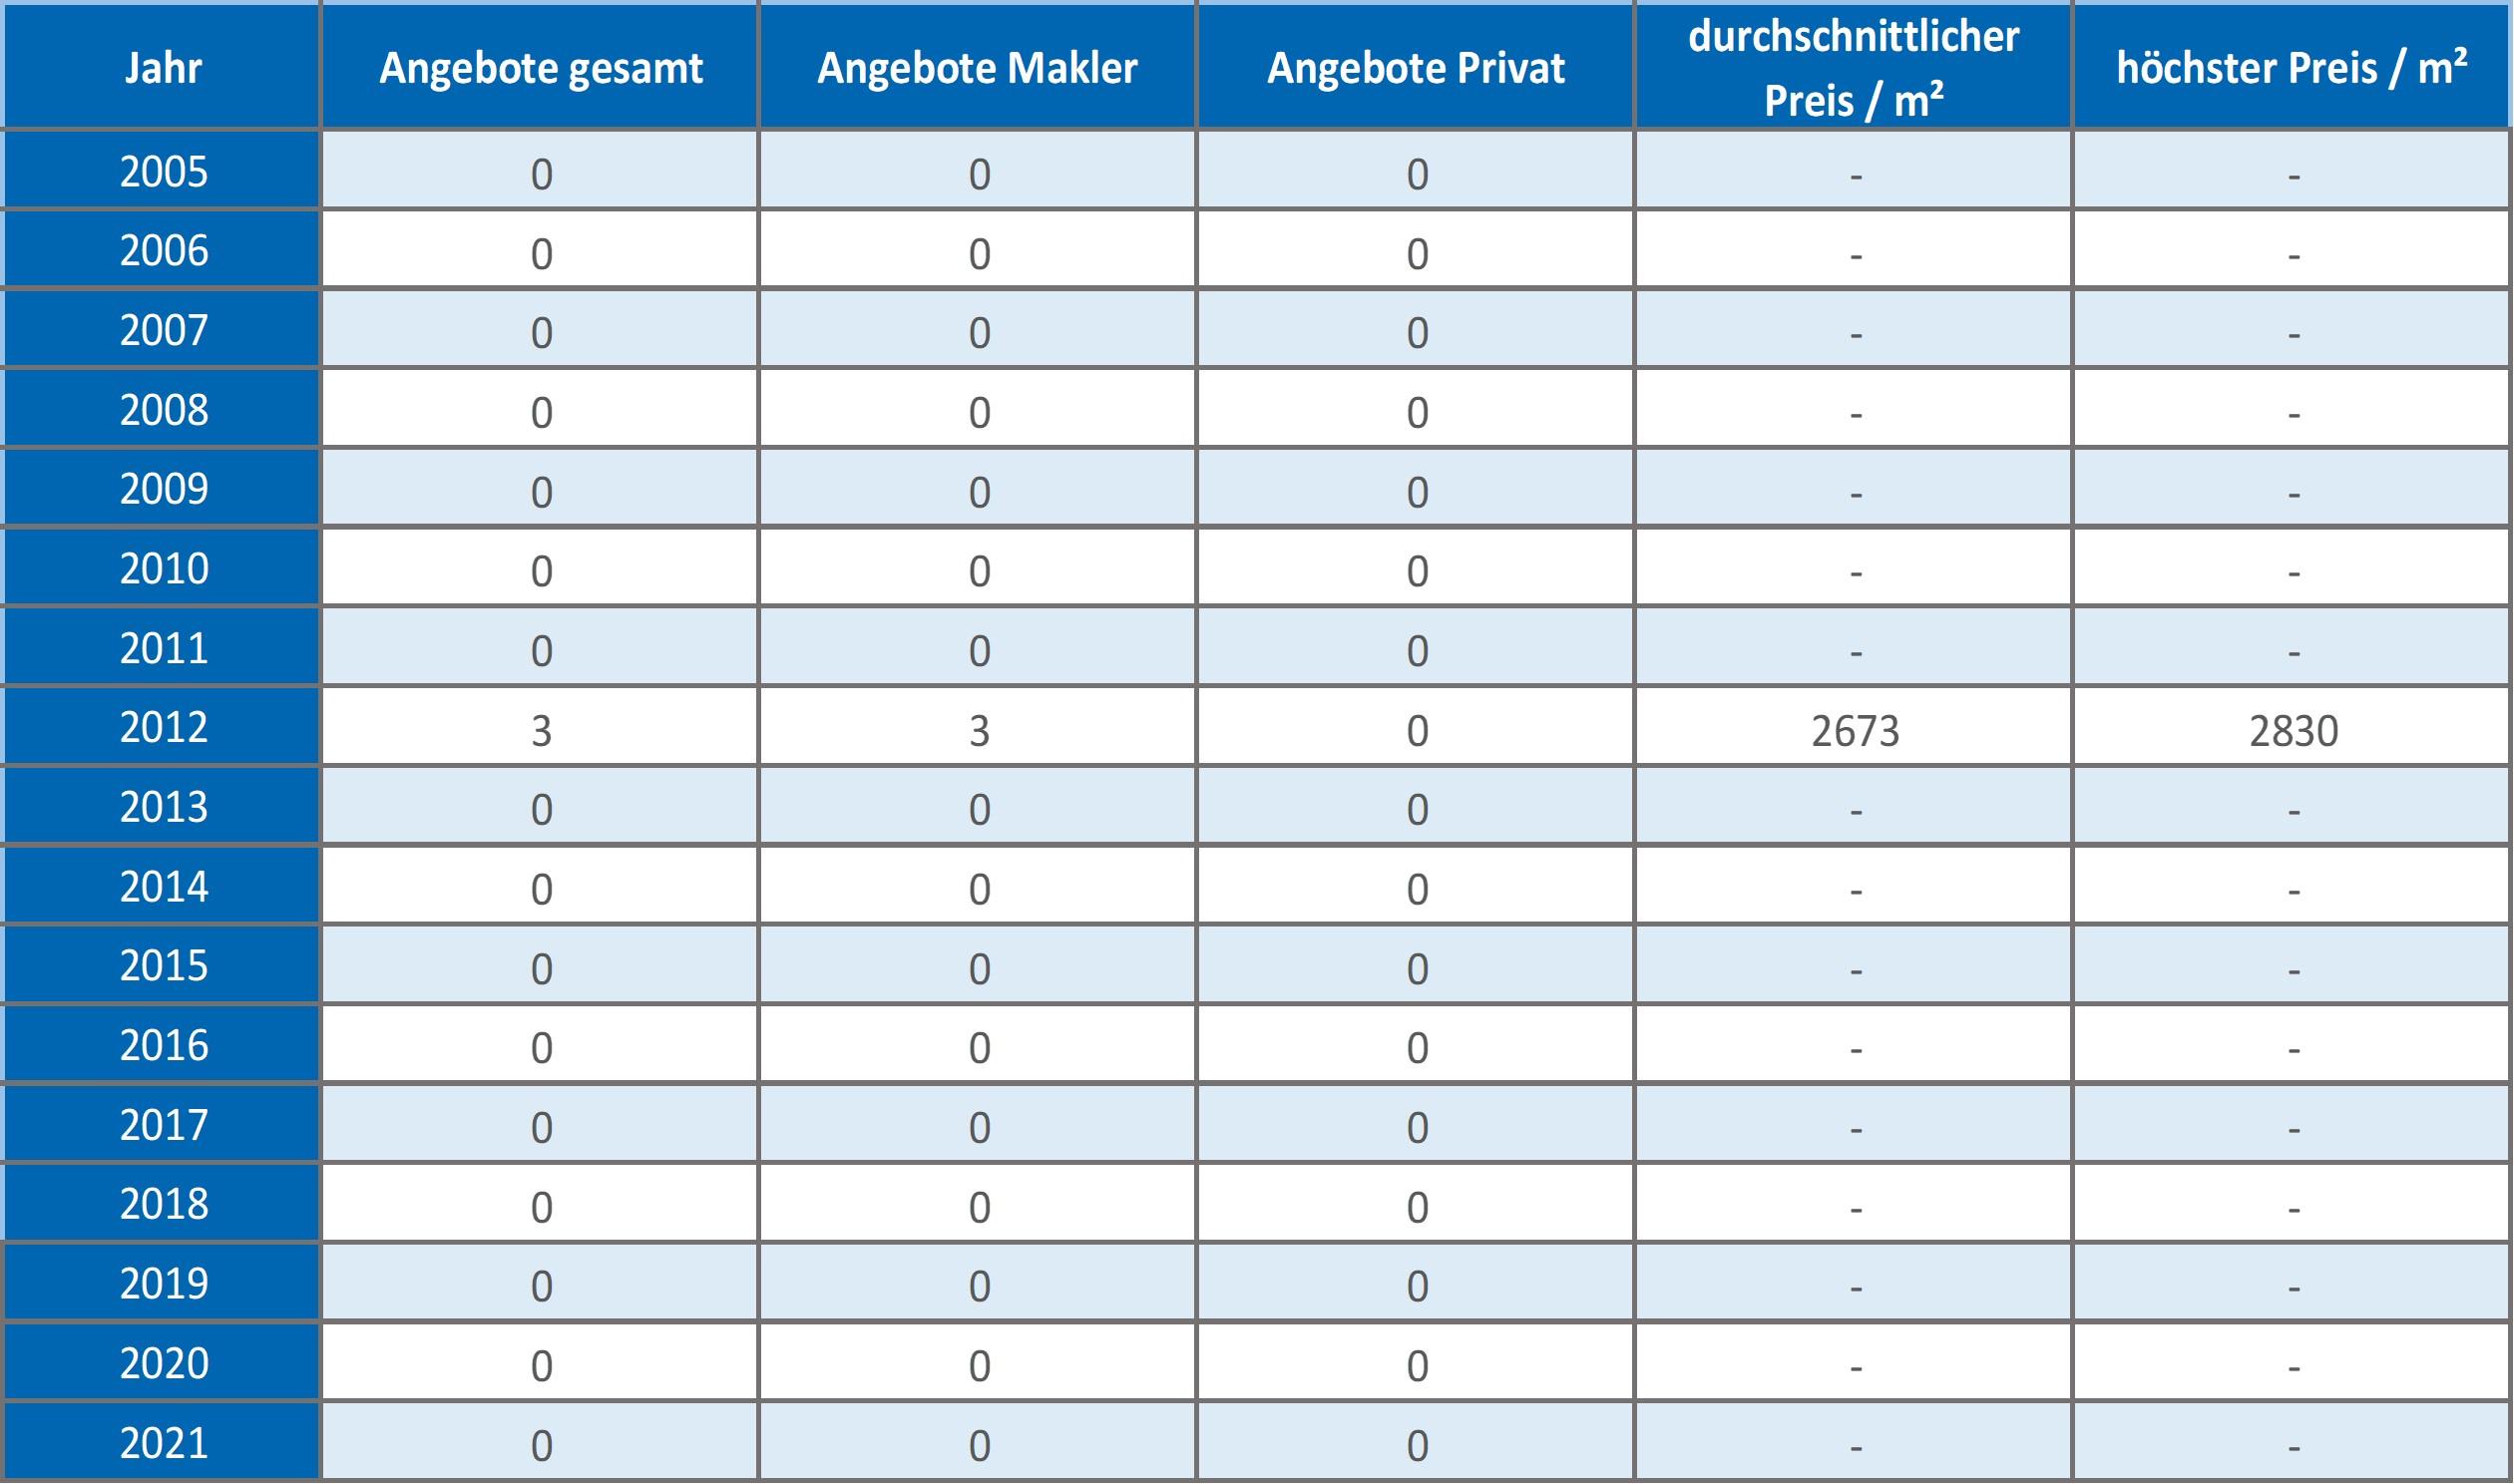 Bruck-Mehrfamilienhaus-kaufen-verkaufen-Makler 2019, 2020, 2021